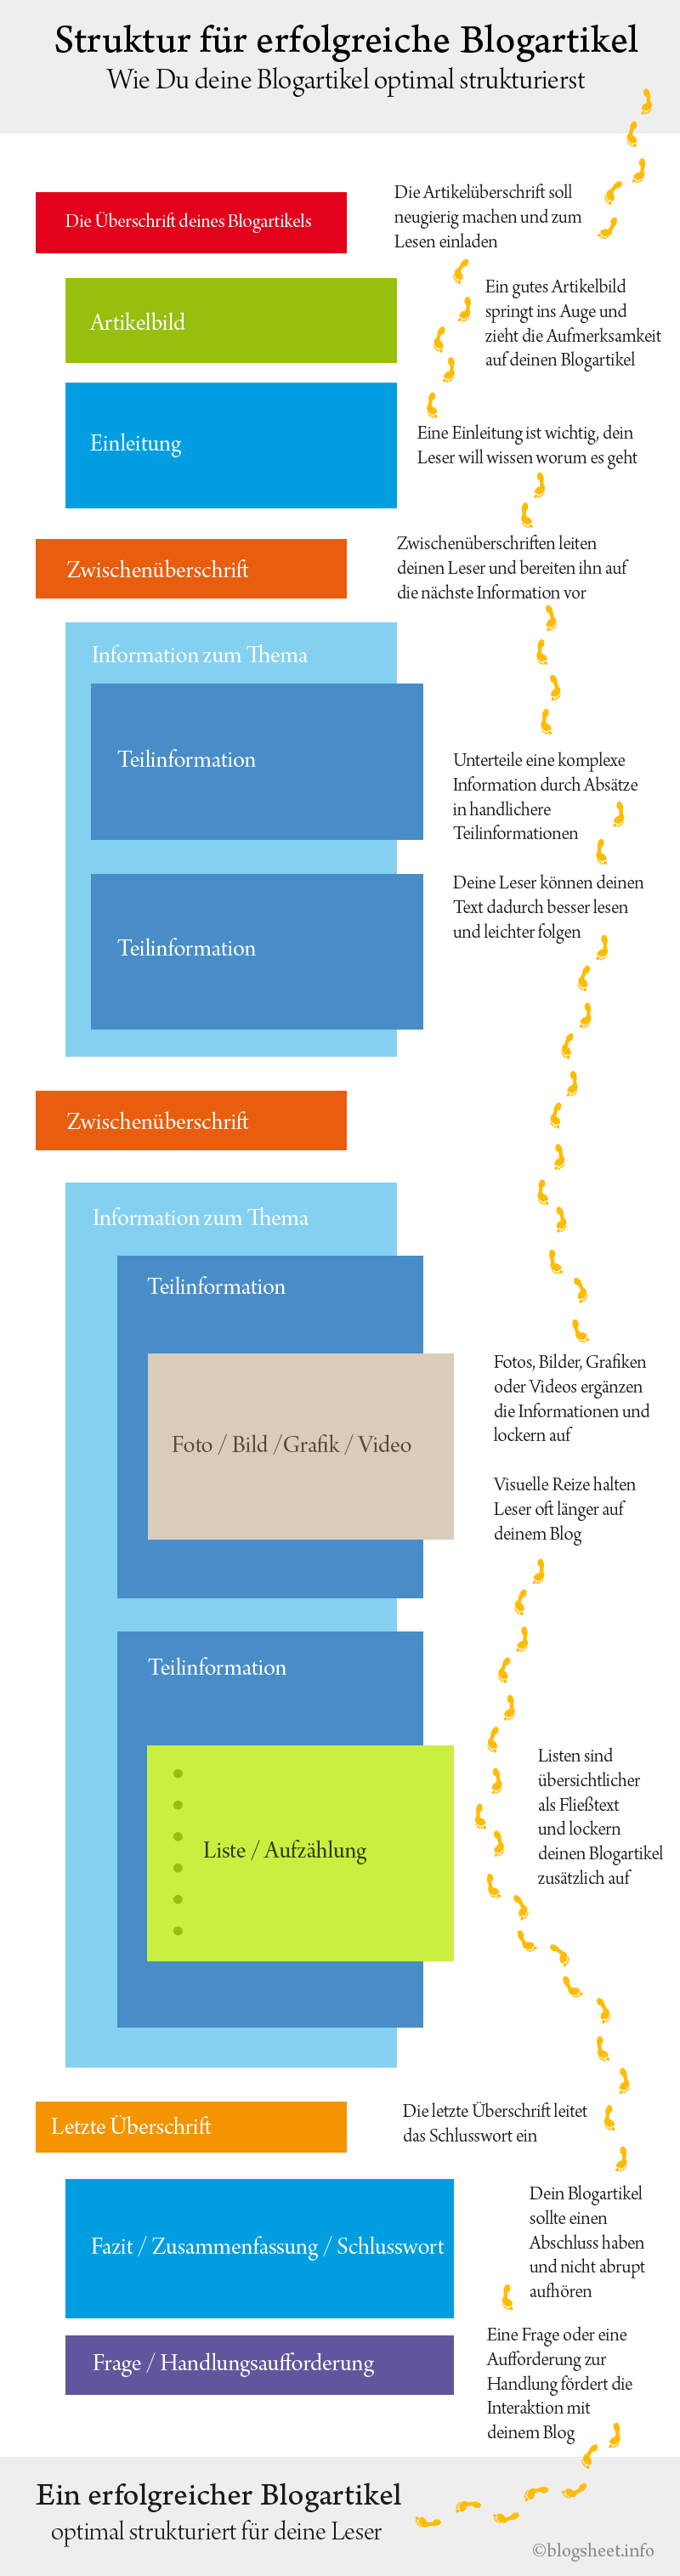 Die optimale Struktur für einen Blogartikel